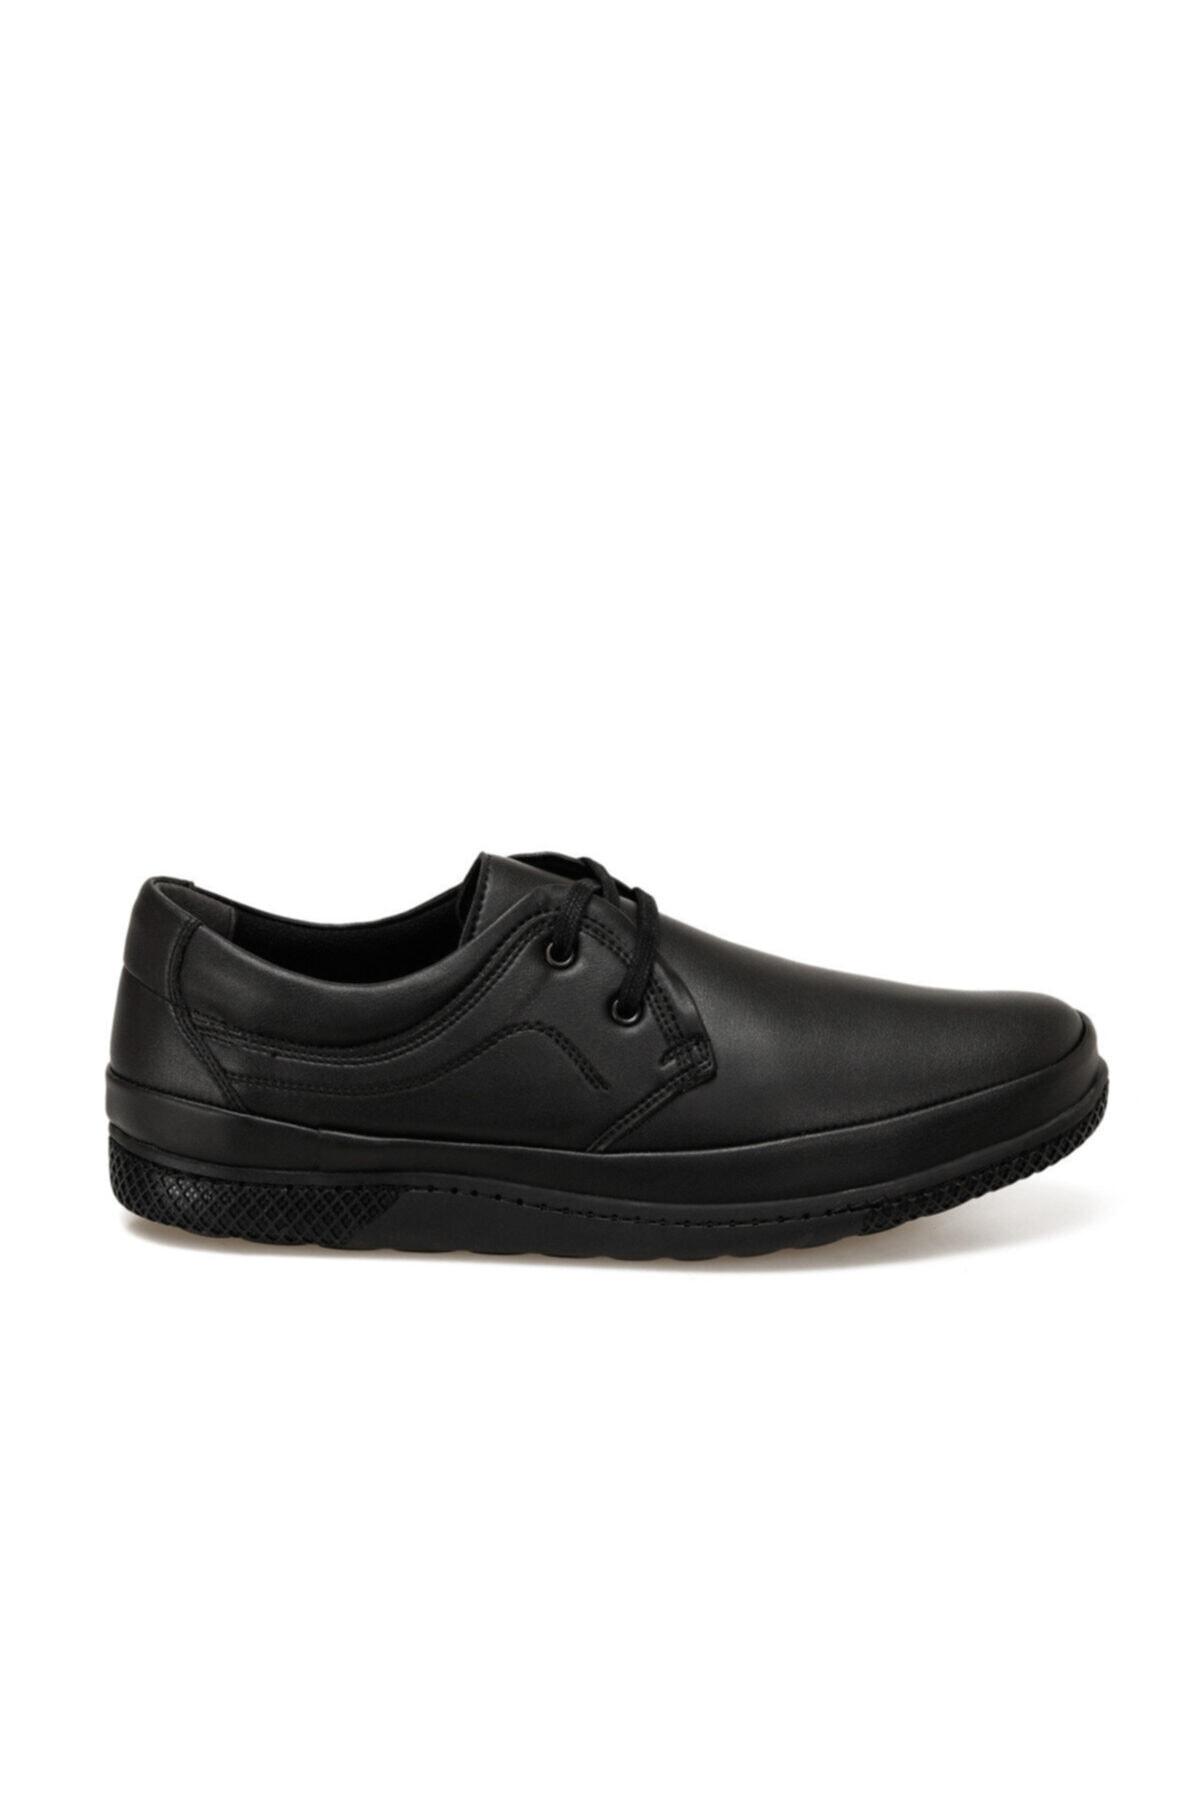 Polaris 160280.M Siyah Erkek Ayakkabı 100546913 2